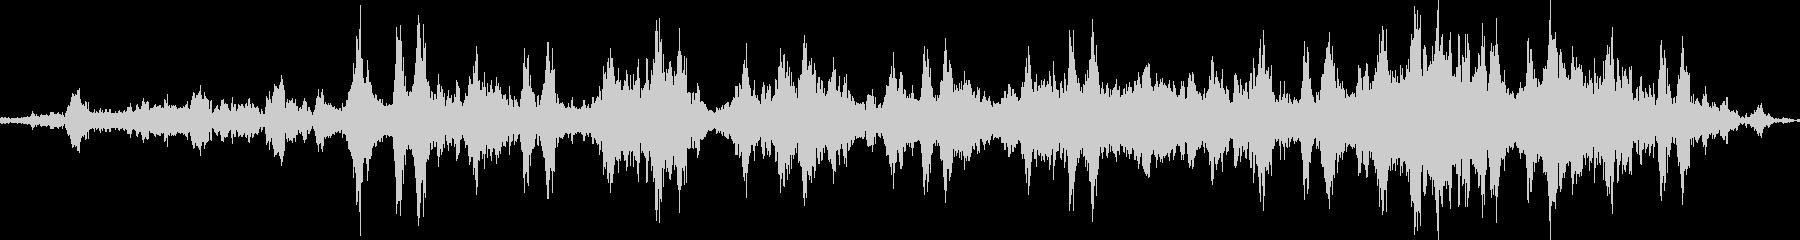 クジラの歌のプロトタイプの未再生の波形